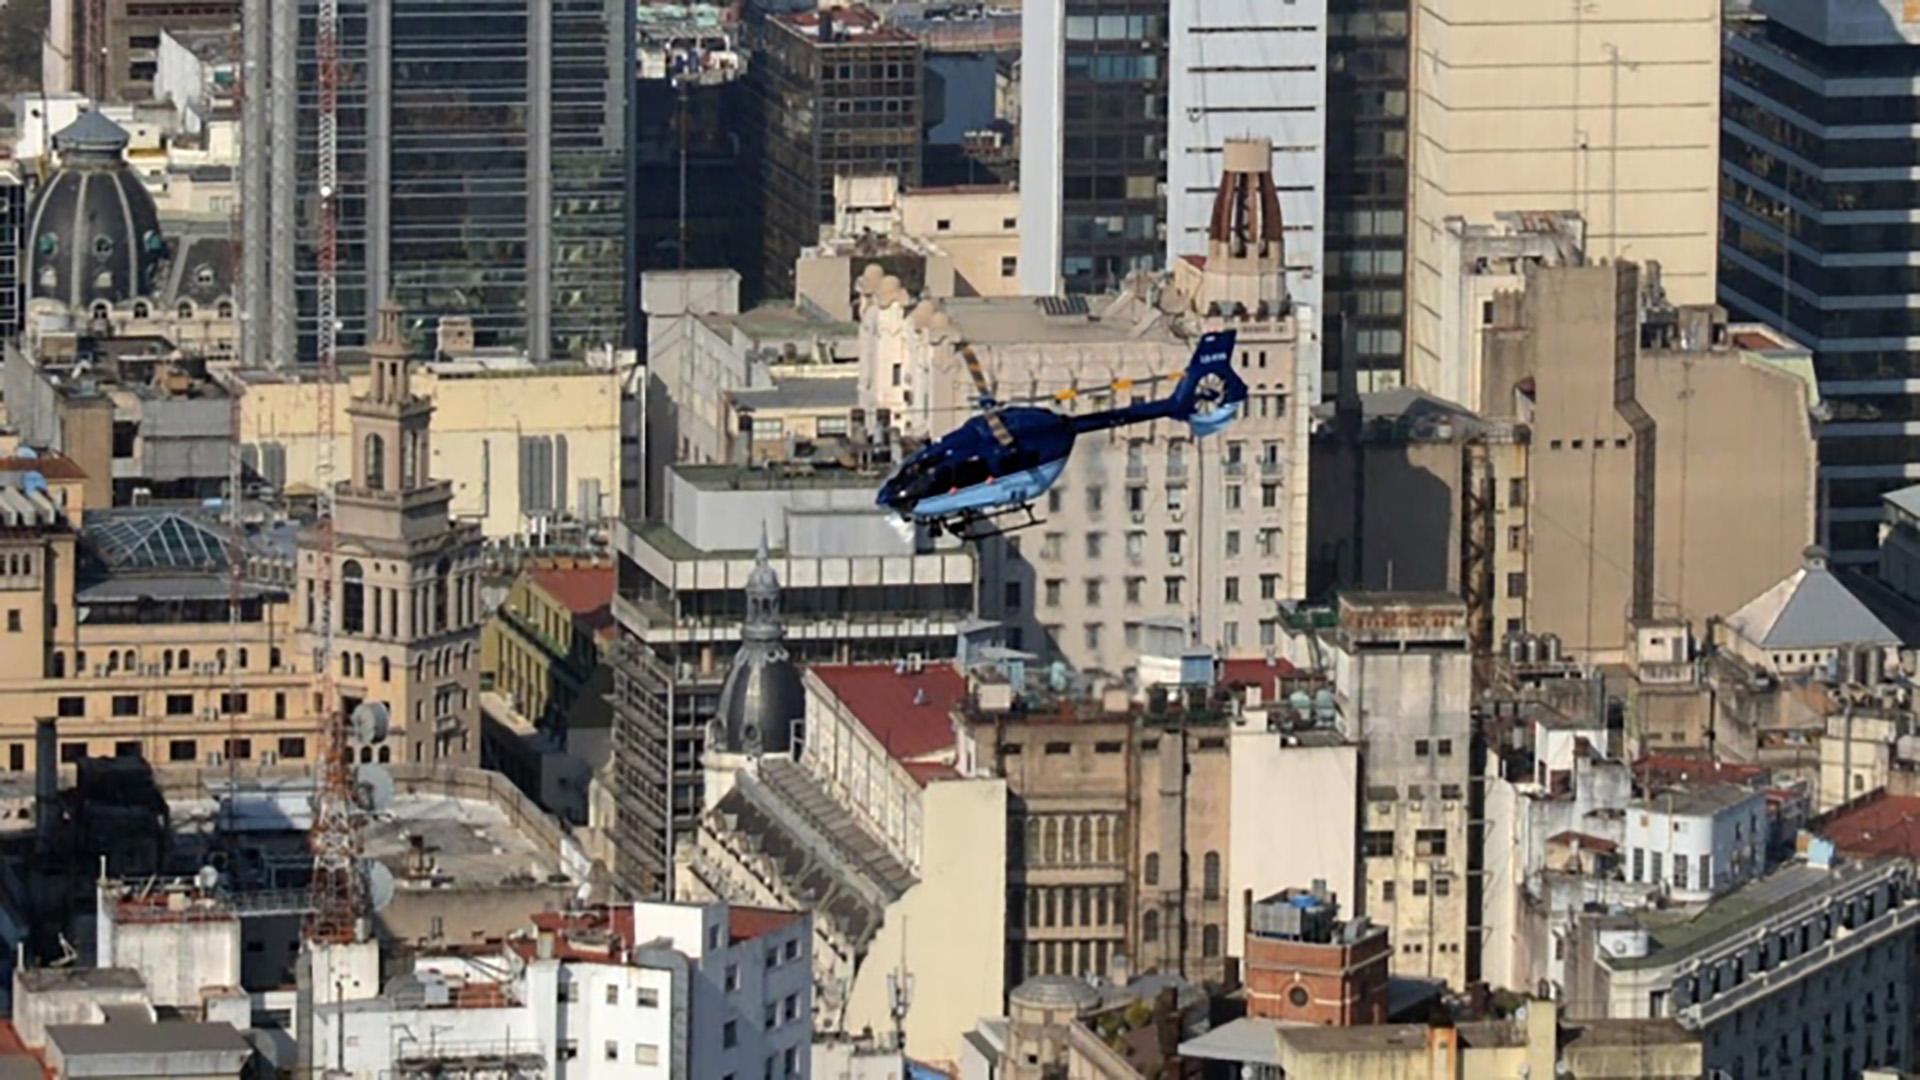 Helicópteros deAlemania, Italia y Francia se usarán durante el G20